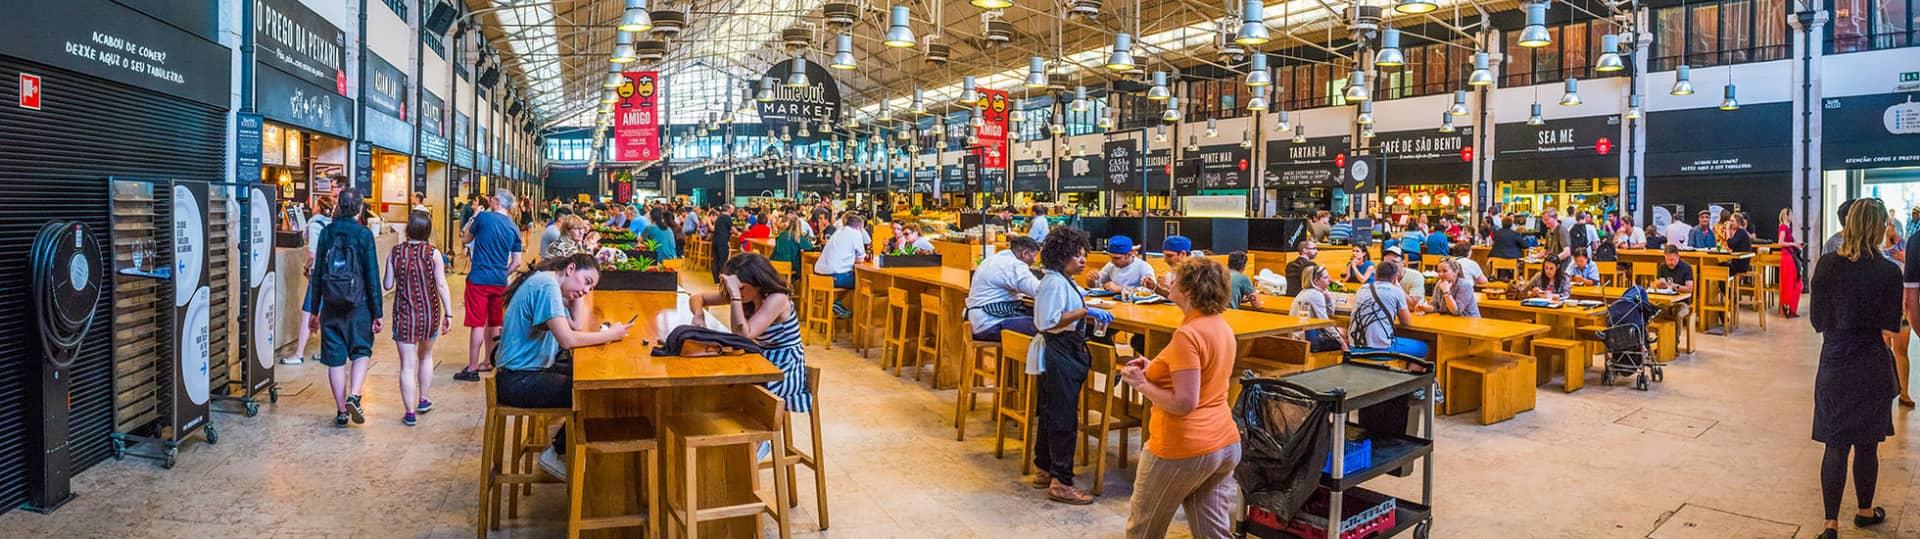 Mercados de Lisboa, 8 mercados de Lisboa que debes conocer